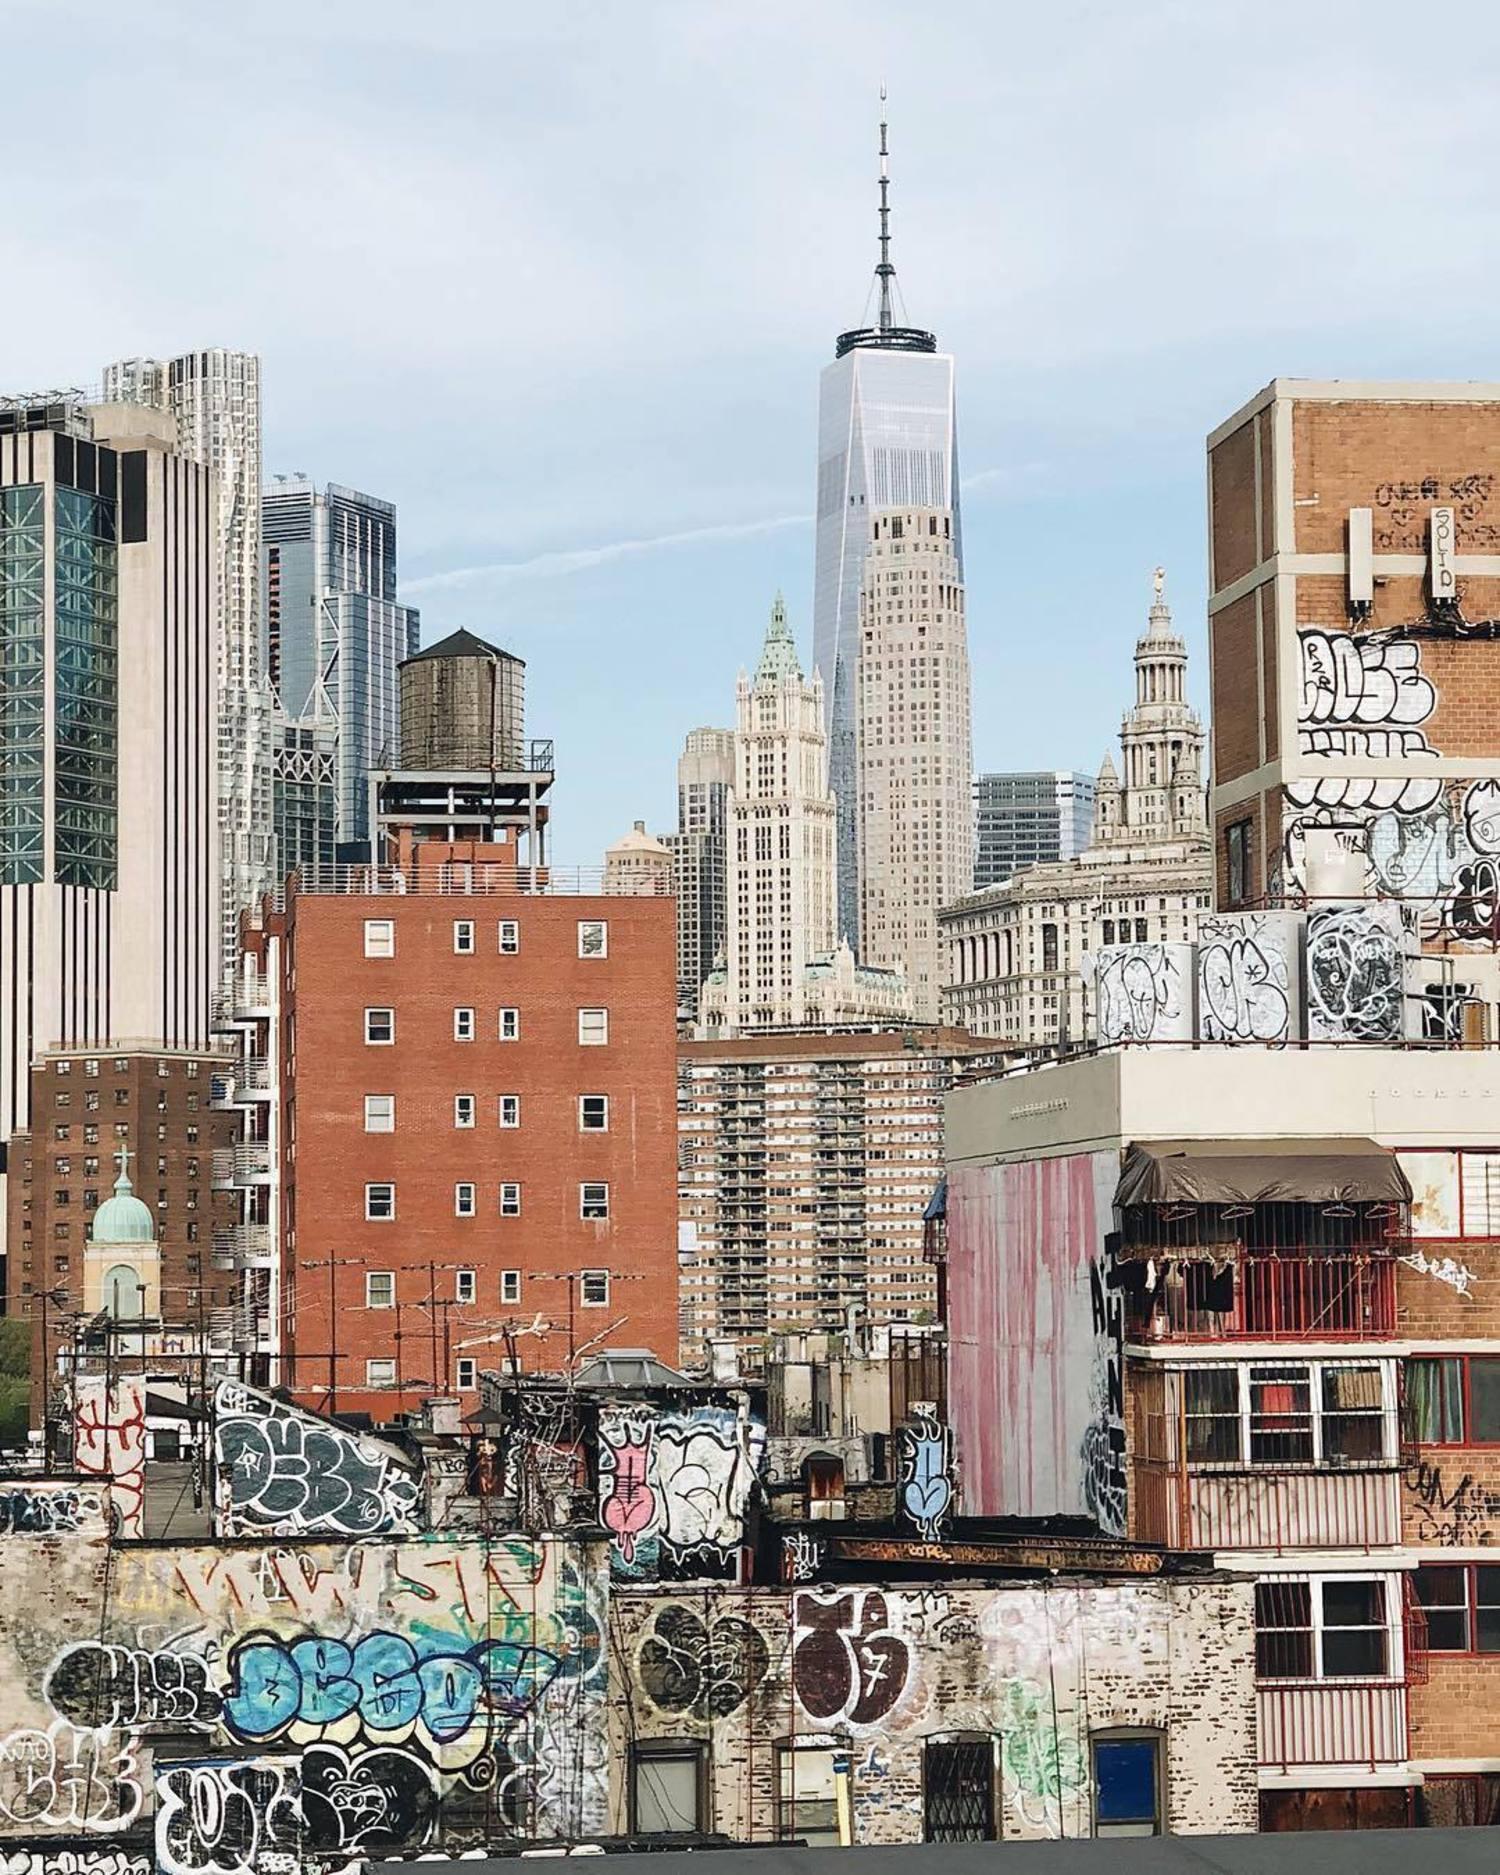 New York, New York. Photo via @iwyndt #newyork #newyorkcity #nyc #viewingnyc